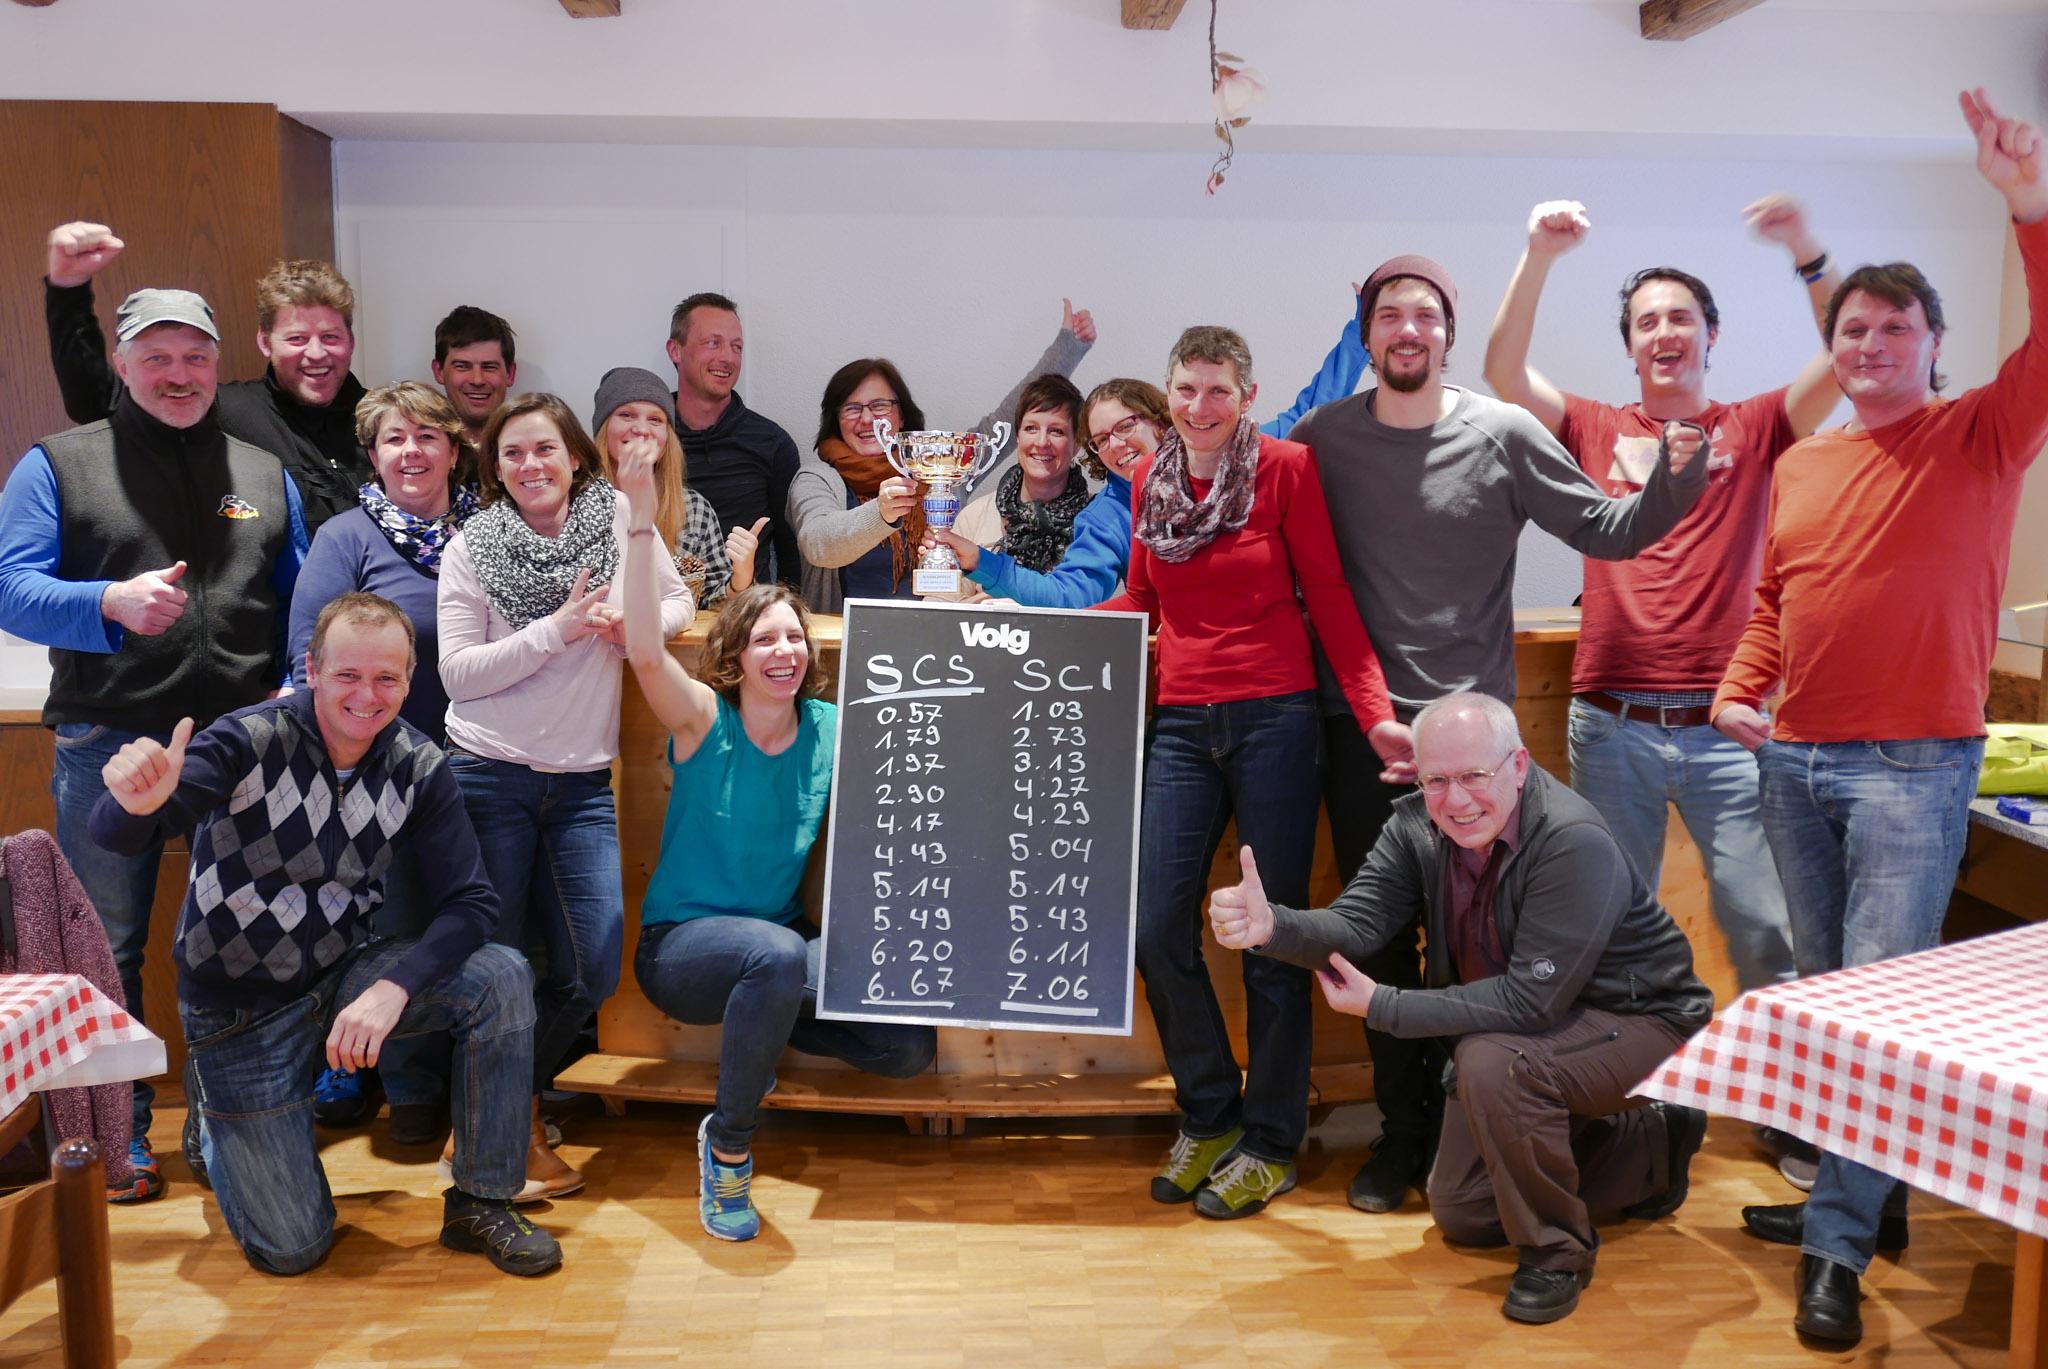 Knappe 39 Hundertstelsekunden bringen den Pokal nach Seelisberg.